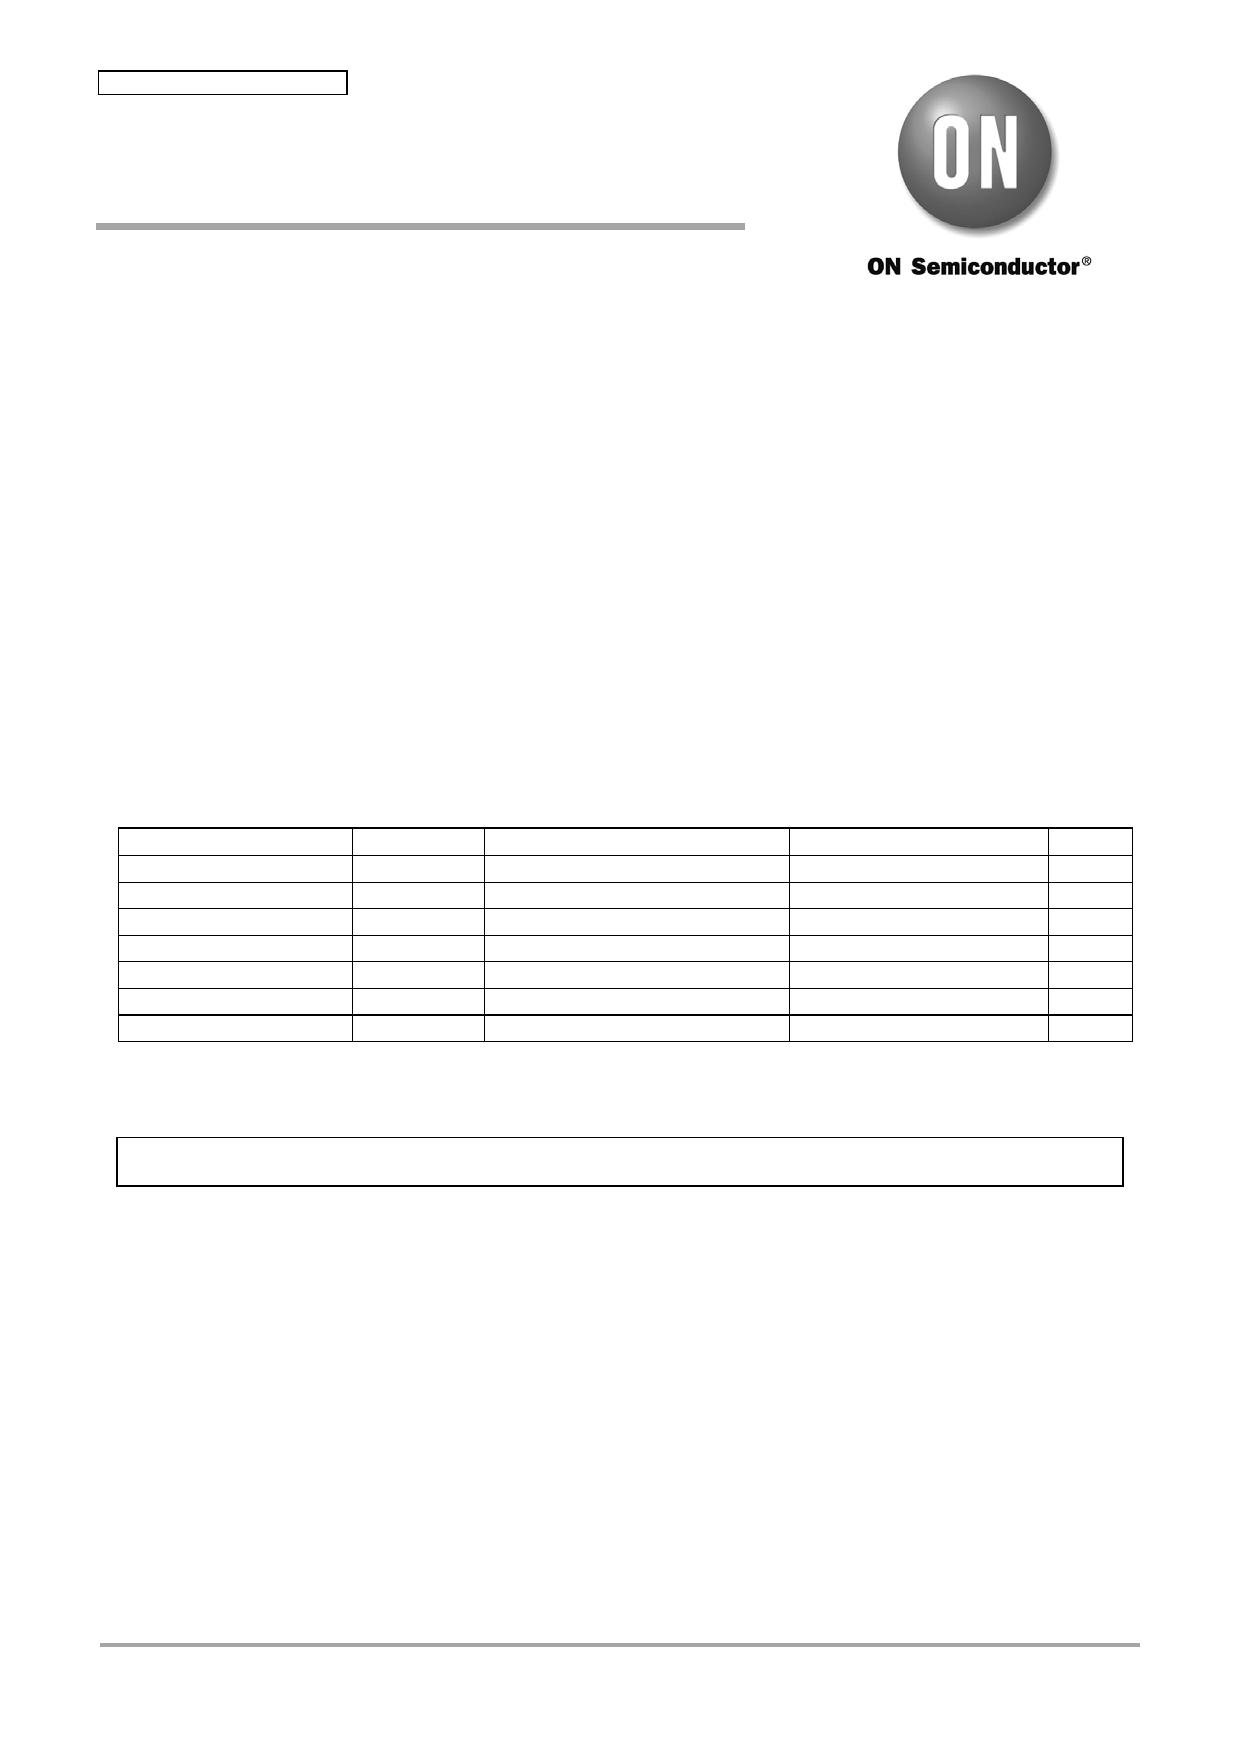 LB1846MC datasheet